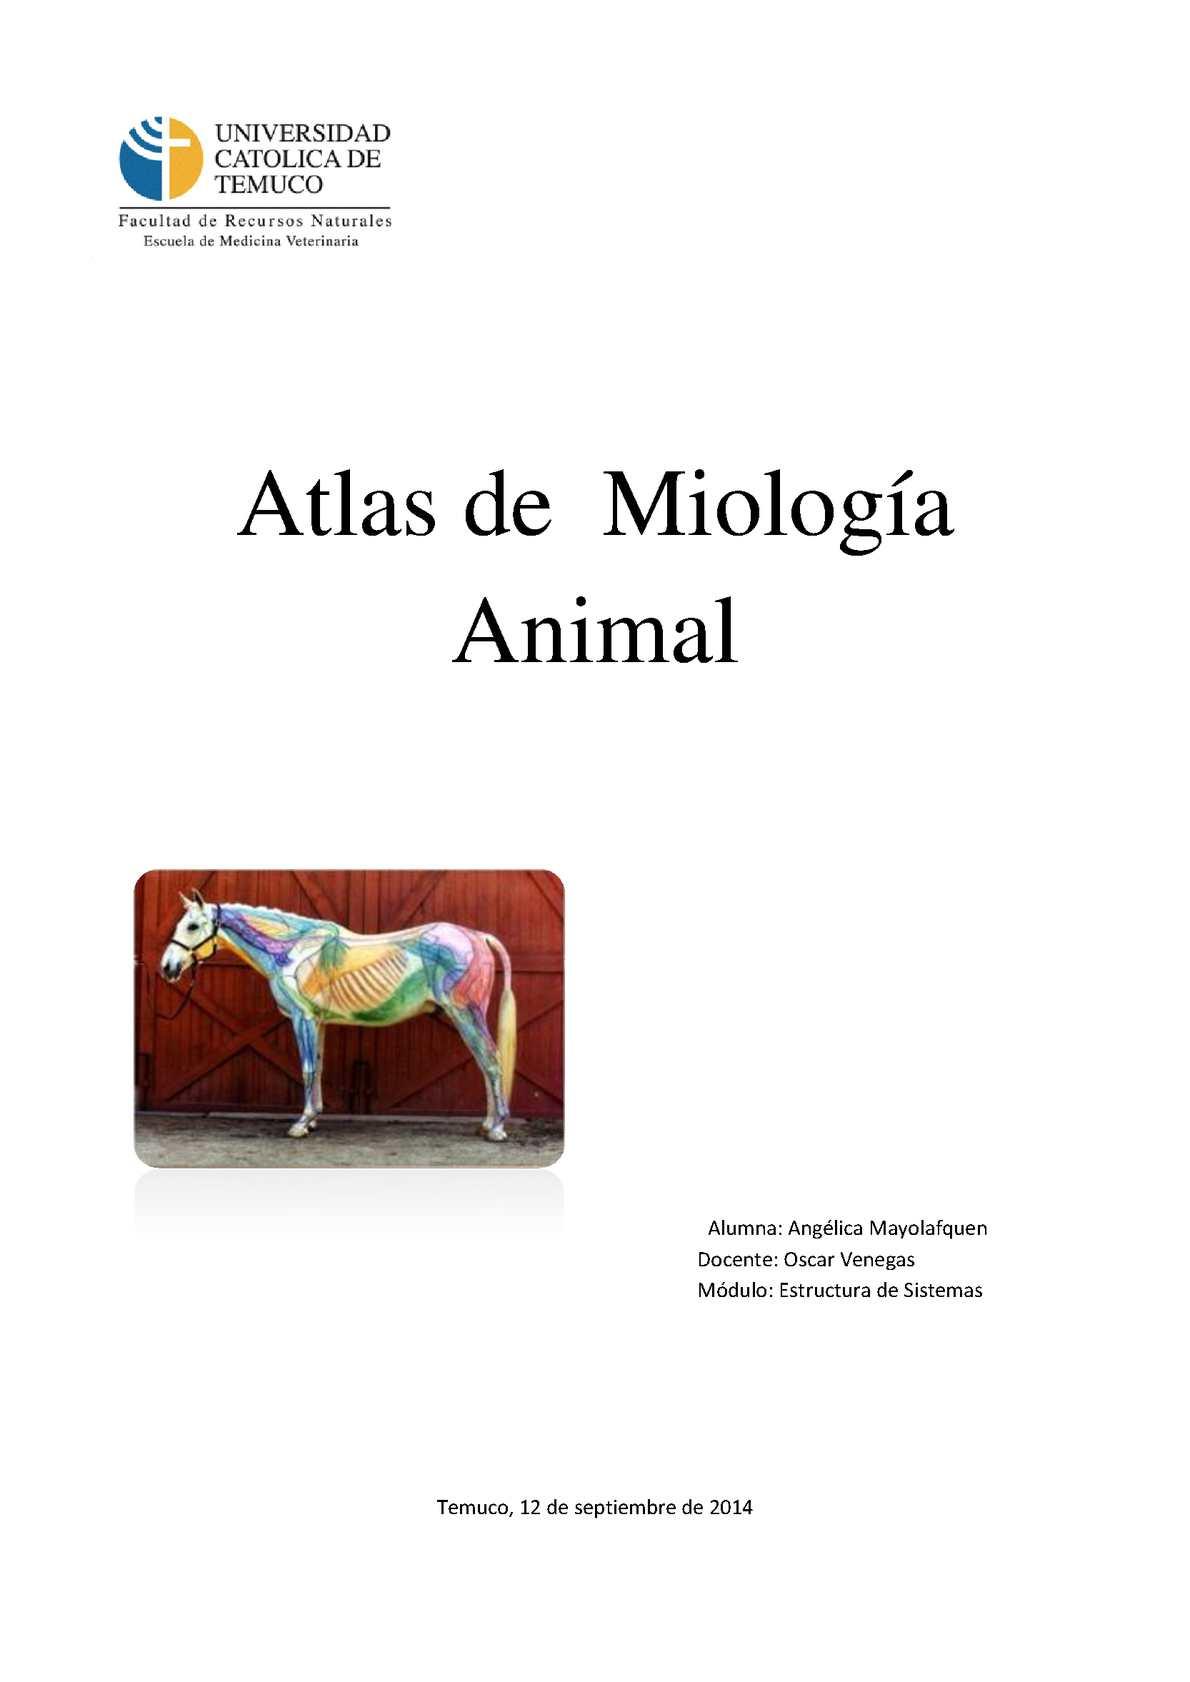 Miología Animal Estructura de Sistemas 2014